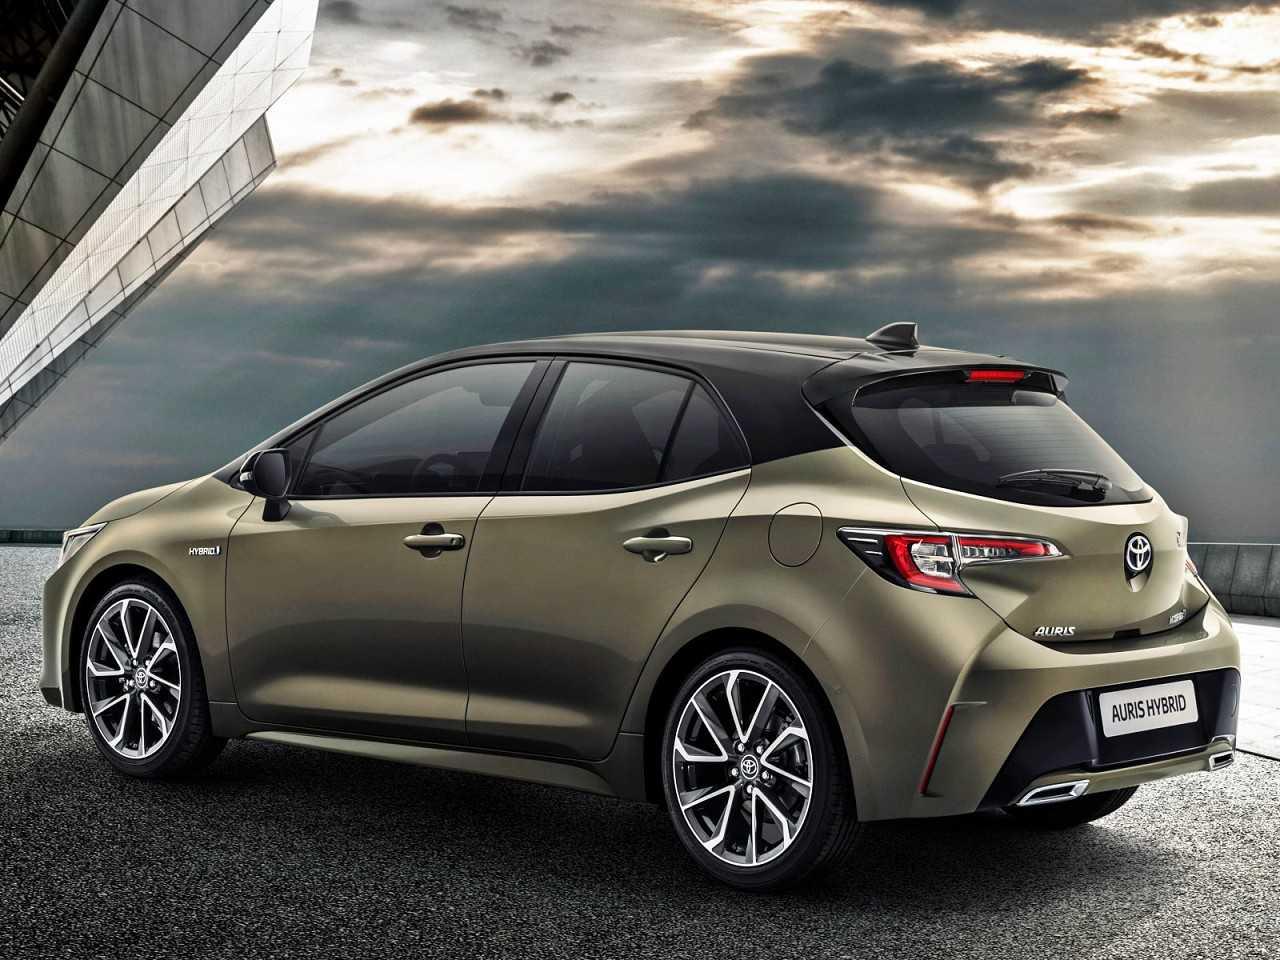 Galeria de fotos: Toyota Auris antecipa o Corolla 2020 - AUTOO